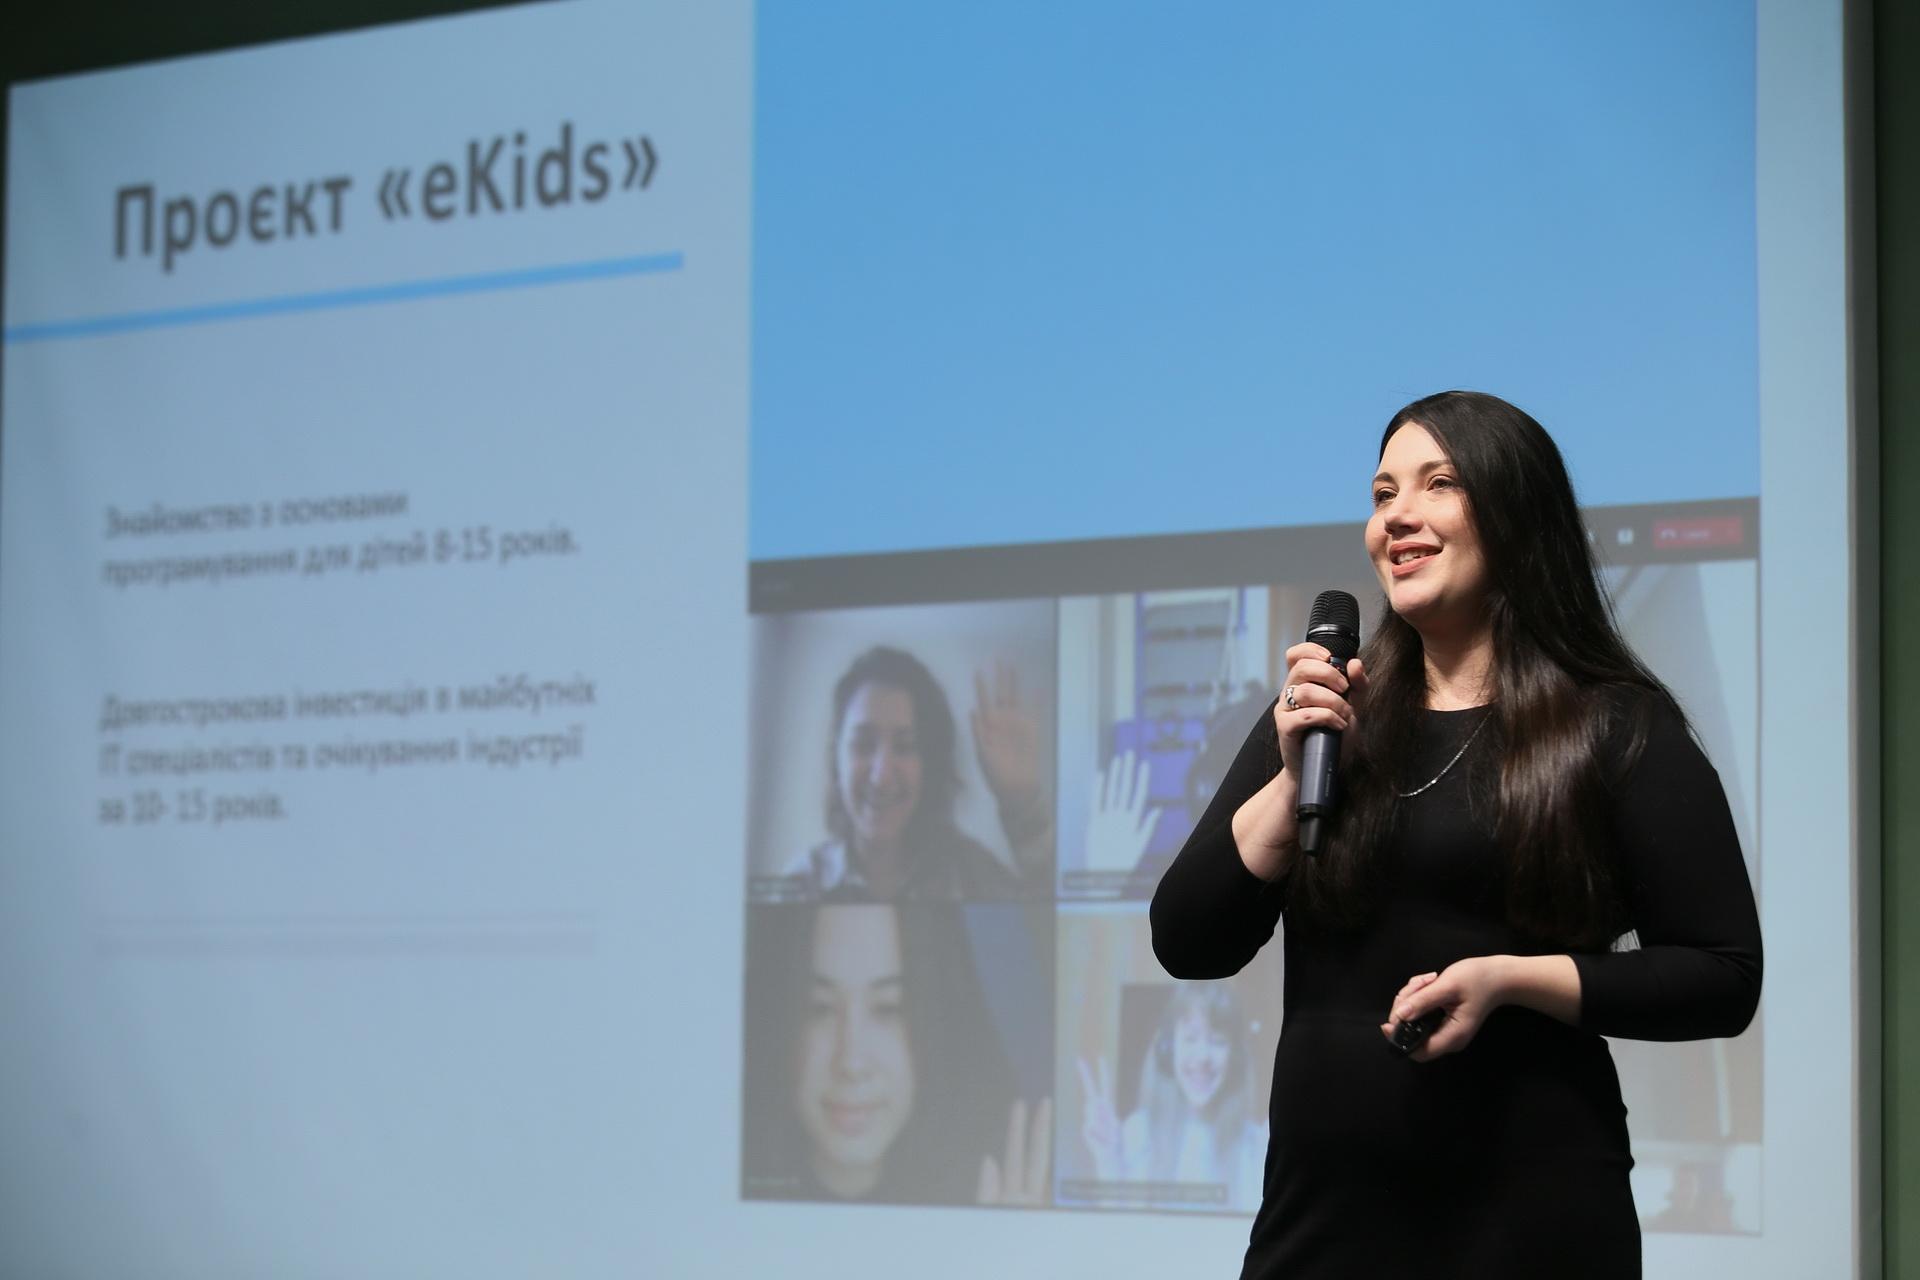 Проекты КСО, гендерное равенство и важность партнерства: о чем рассказали спикеры Саммита устойчивого бизнеса — фото 1